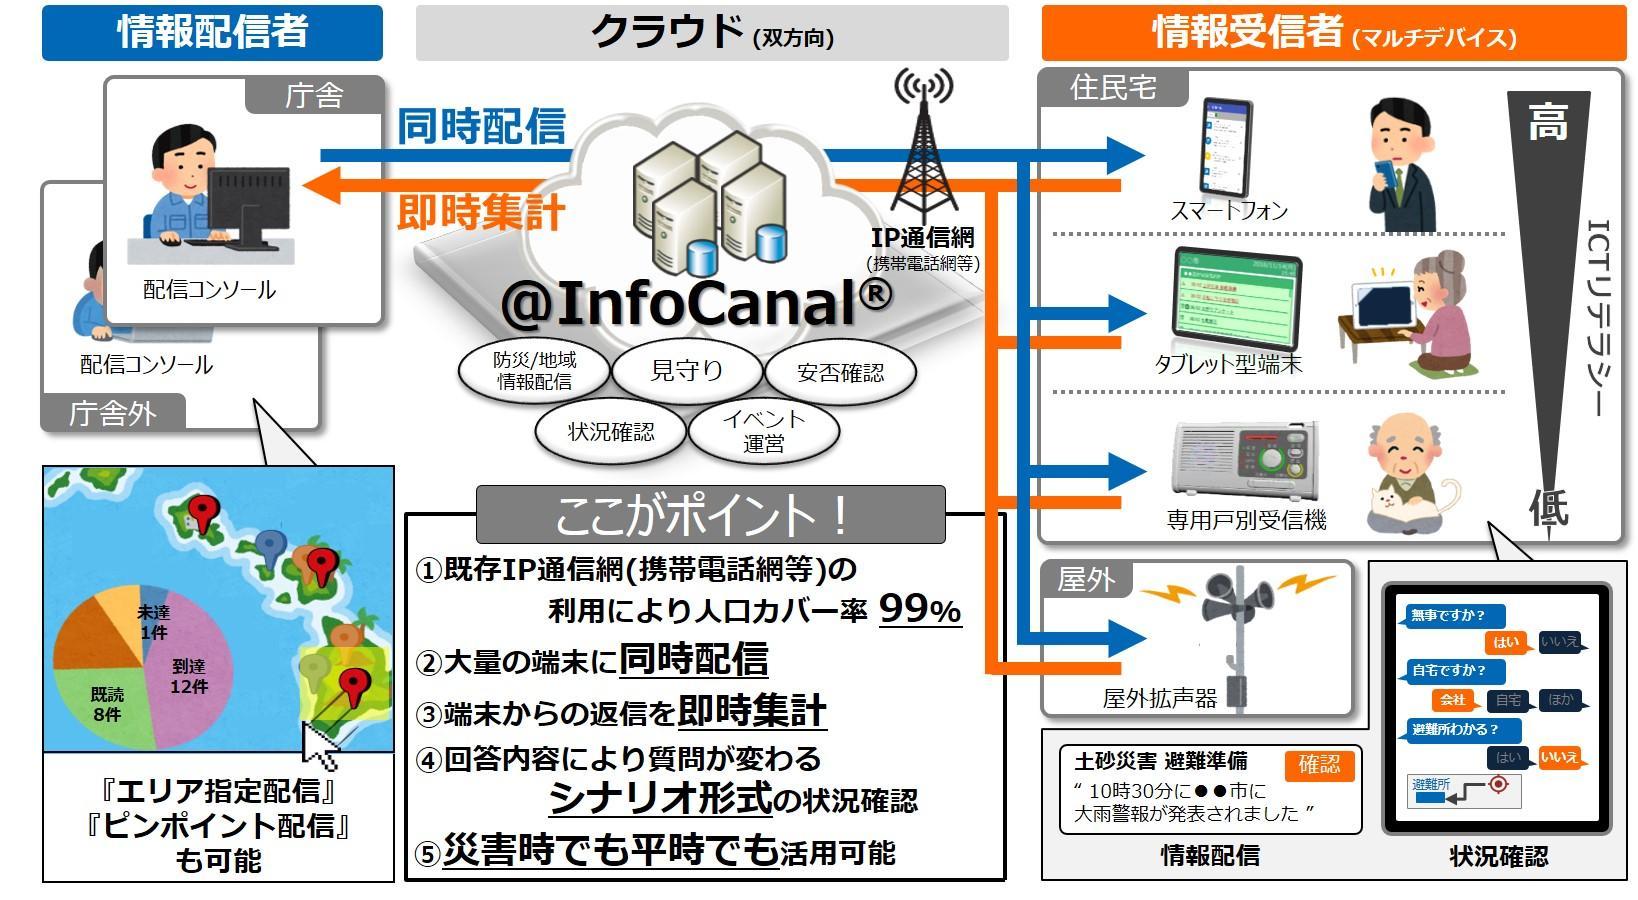 @InfoCanal(アットインフォカナル・あっといんふぉかなる)イメージ